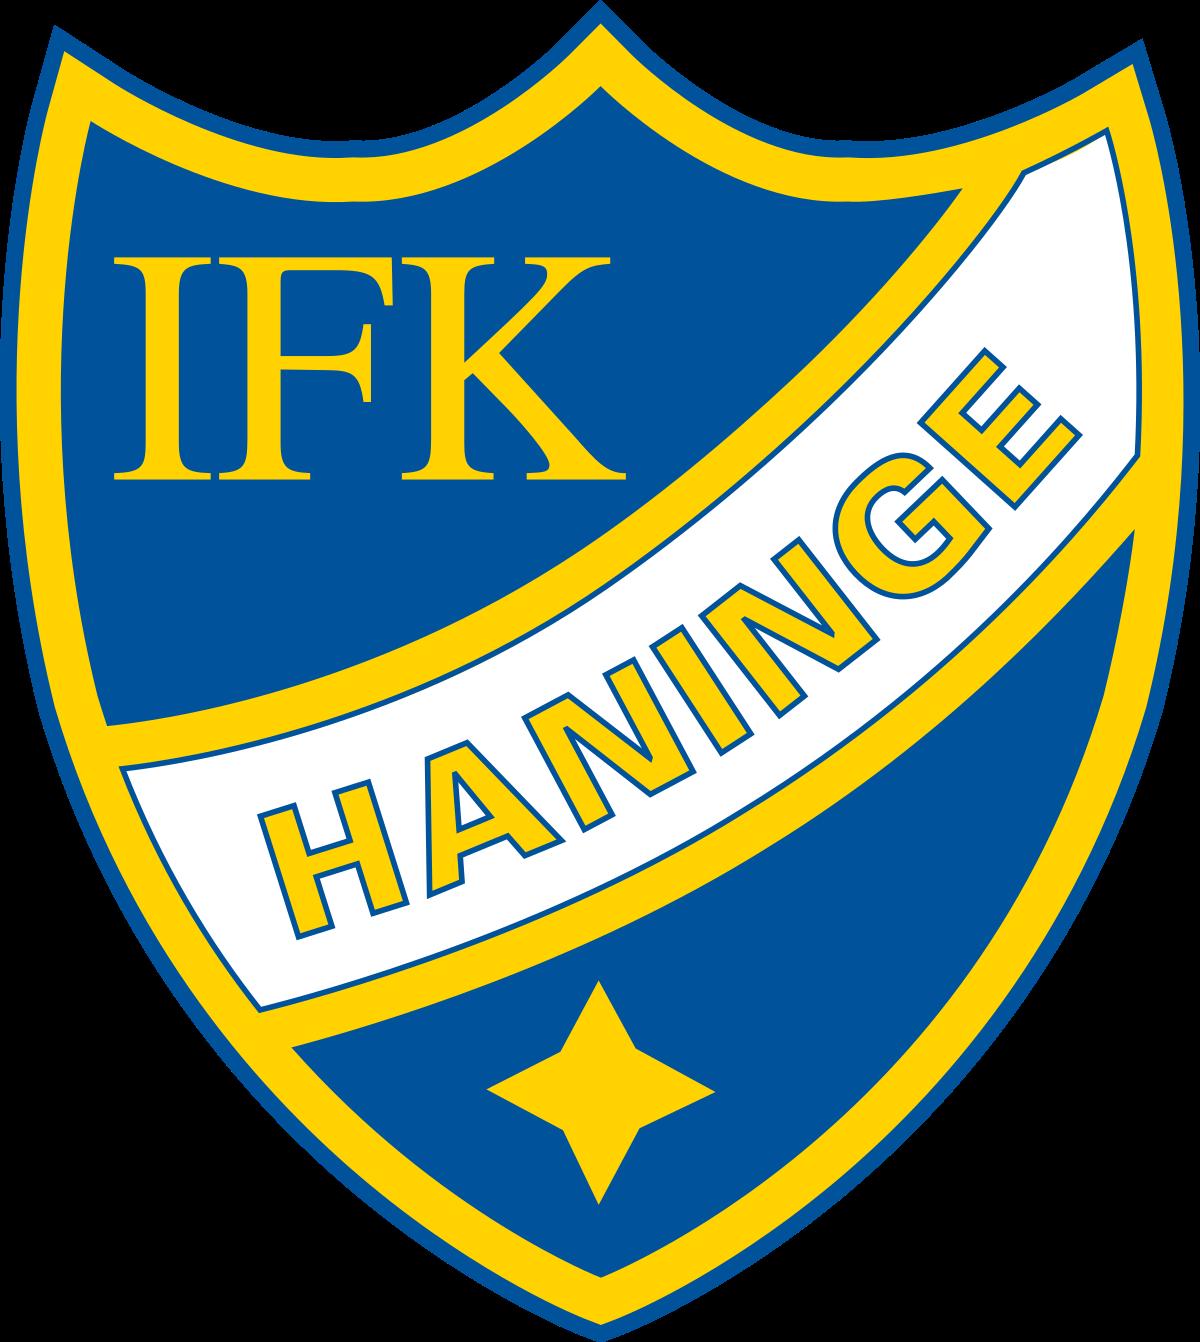 IFK Haninge